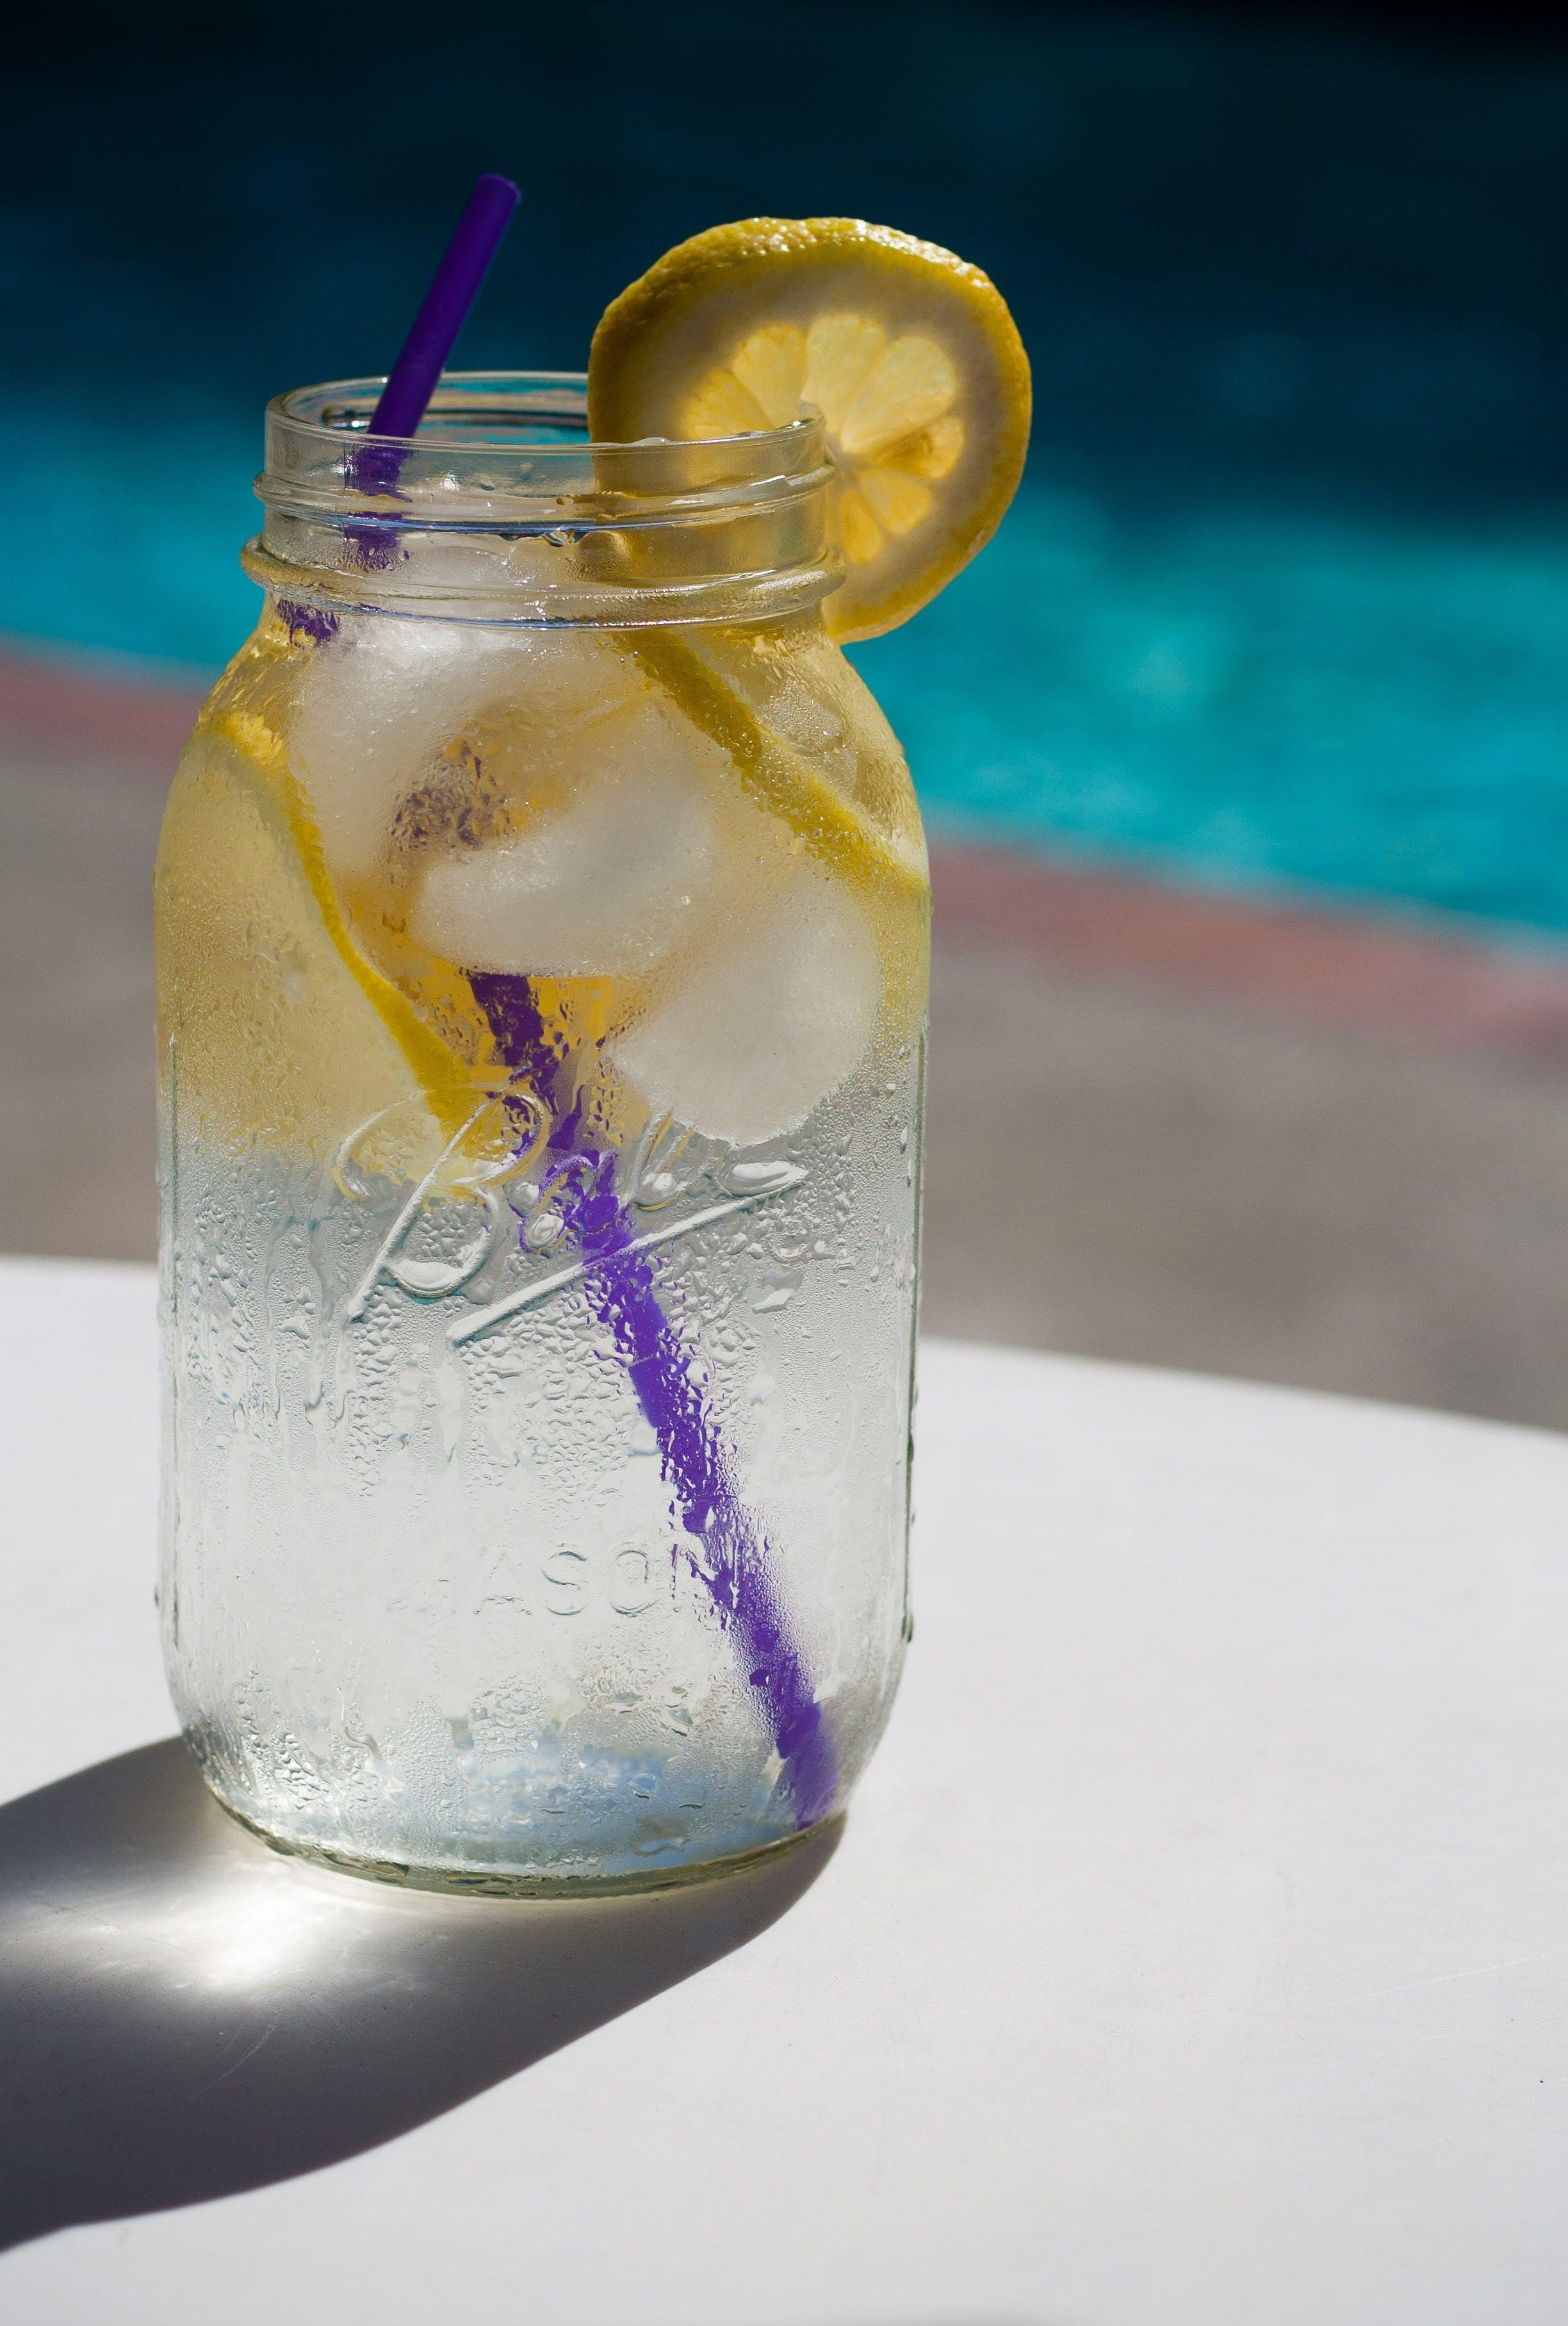 감귤류, 감기, 레몬, 물의 무료 스톡 사진